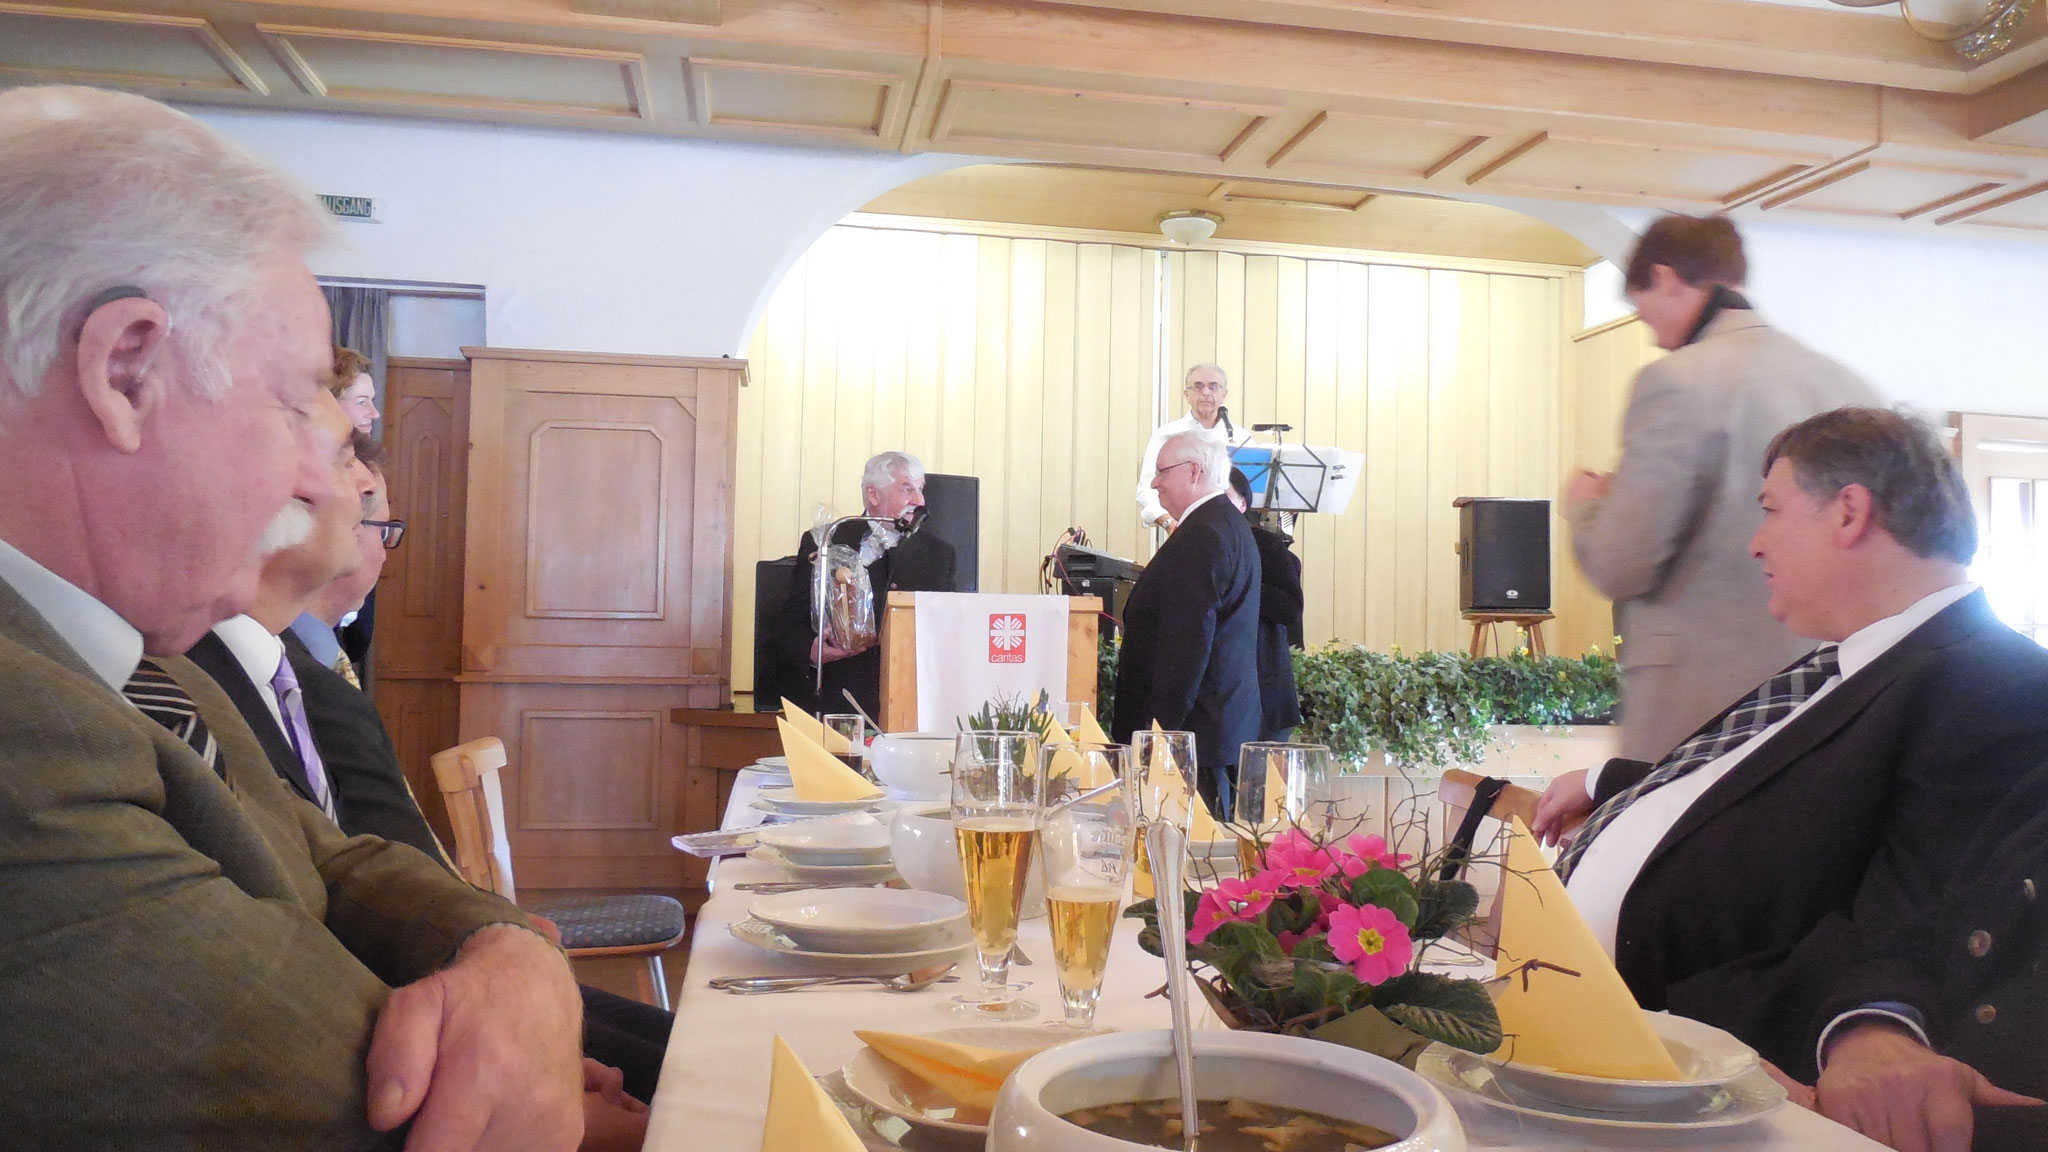 Caritasdirektor Franz Mattes überreicht einen Engel.